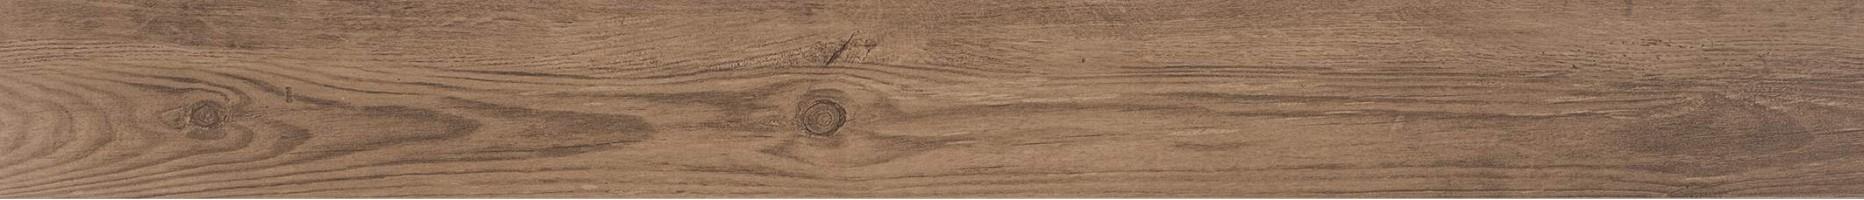 Керамогранит напольный Porcelanosa Manhattan Cognac 19.3x180 P1670025